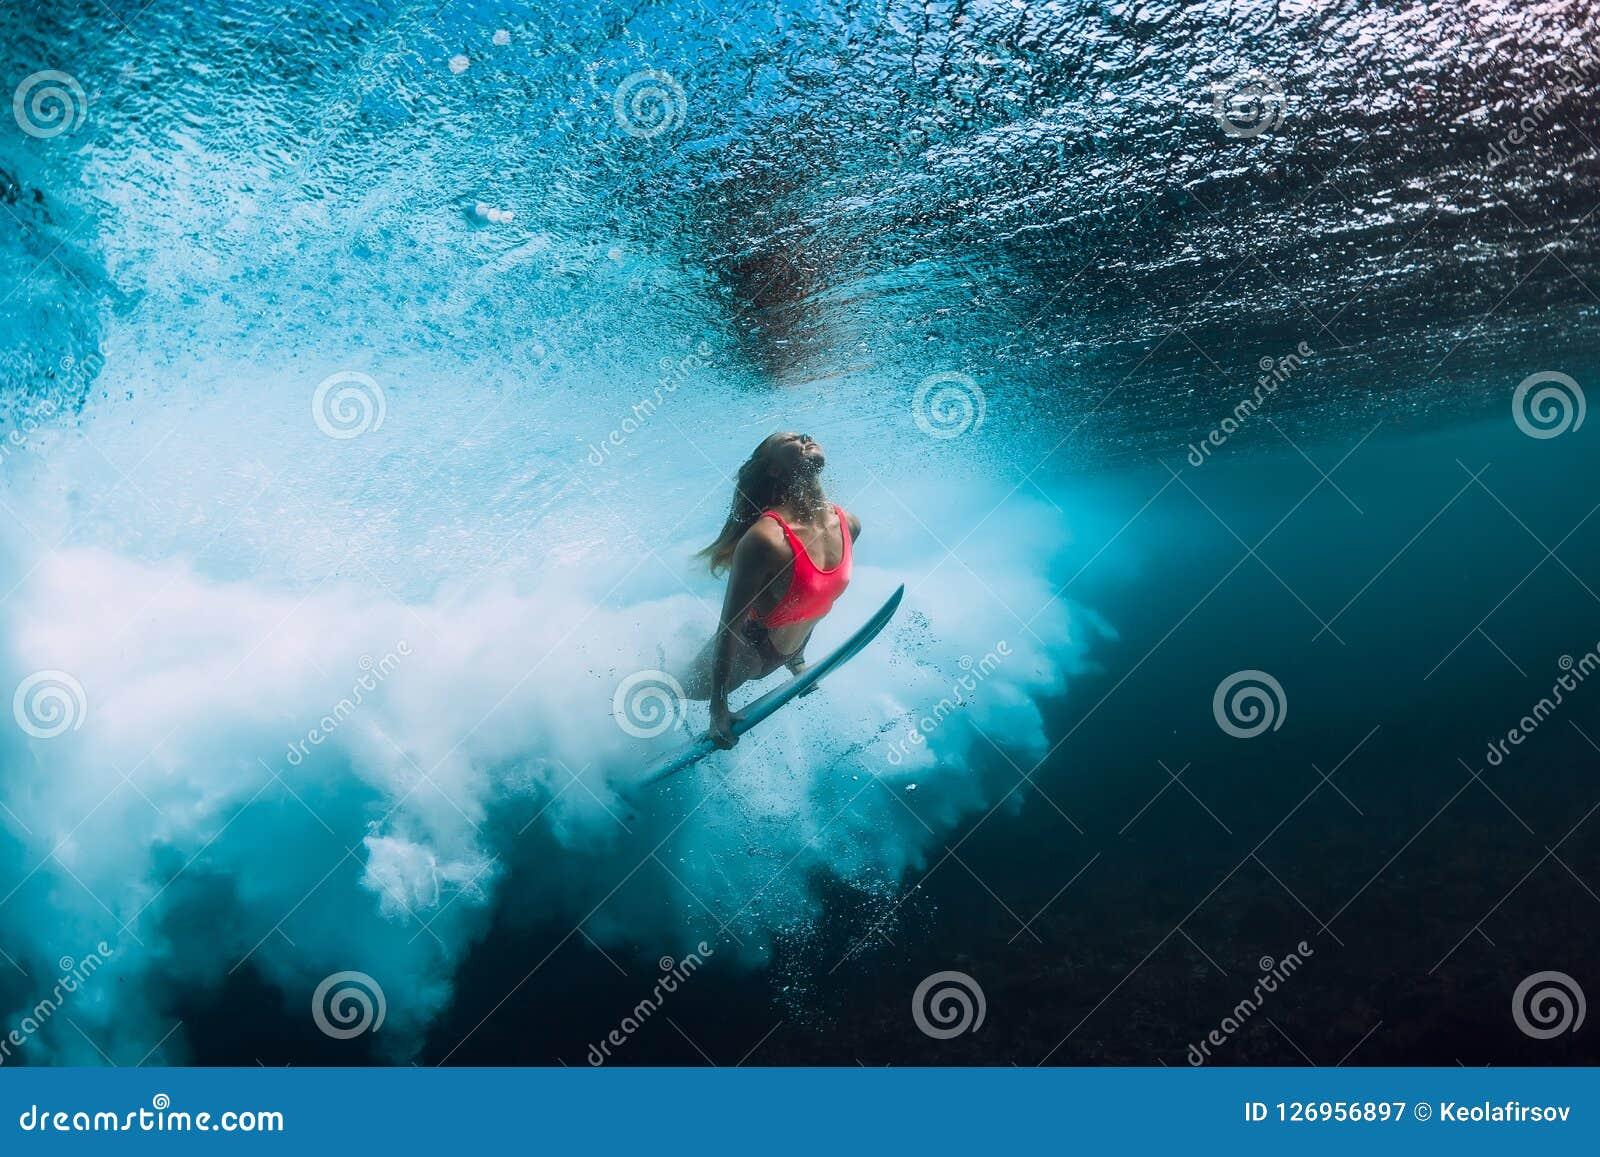 Surferfrau mit dem Surfbretttauchen Unterwasser mit Untermeereswogen